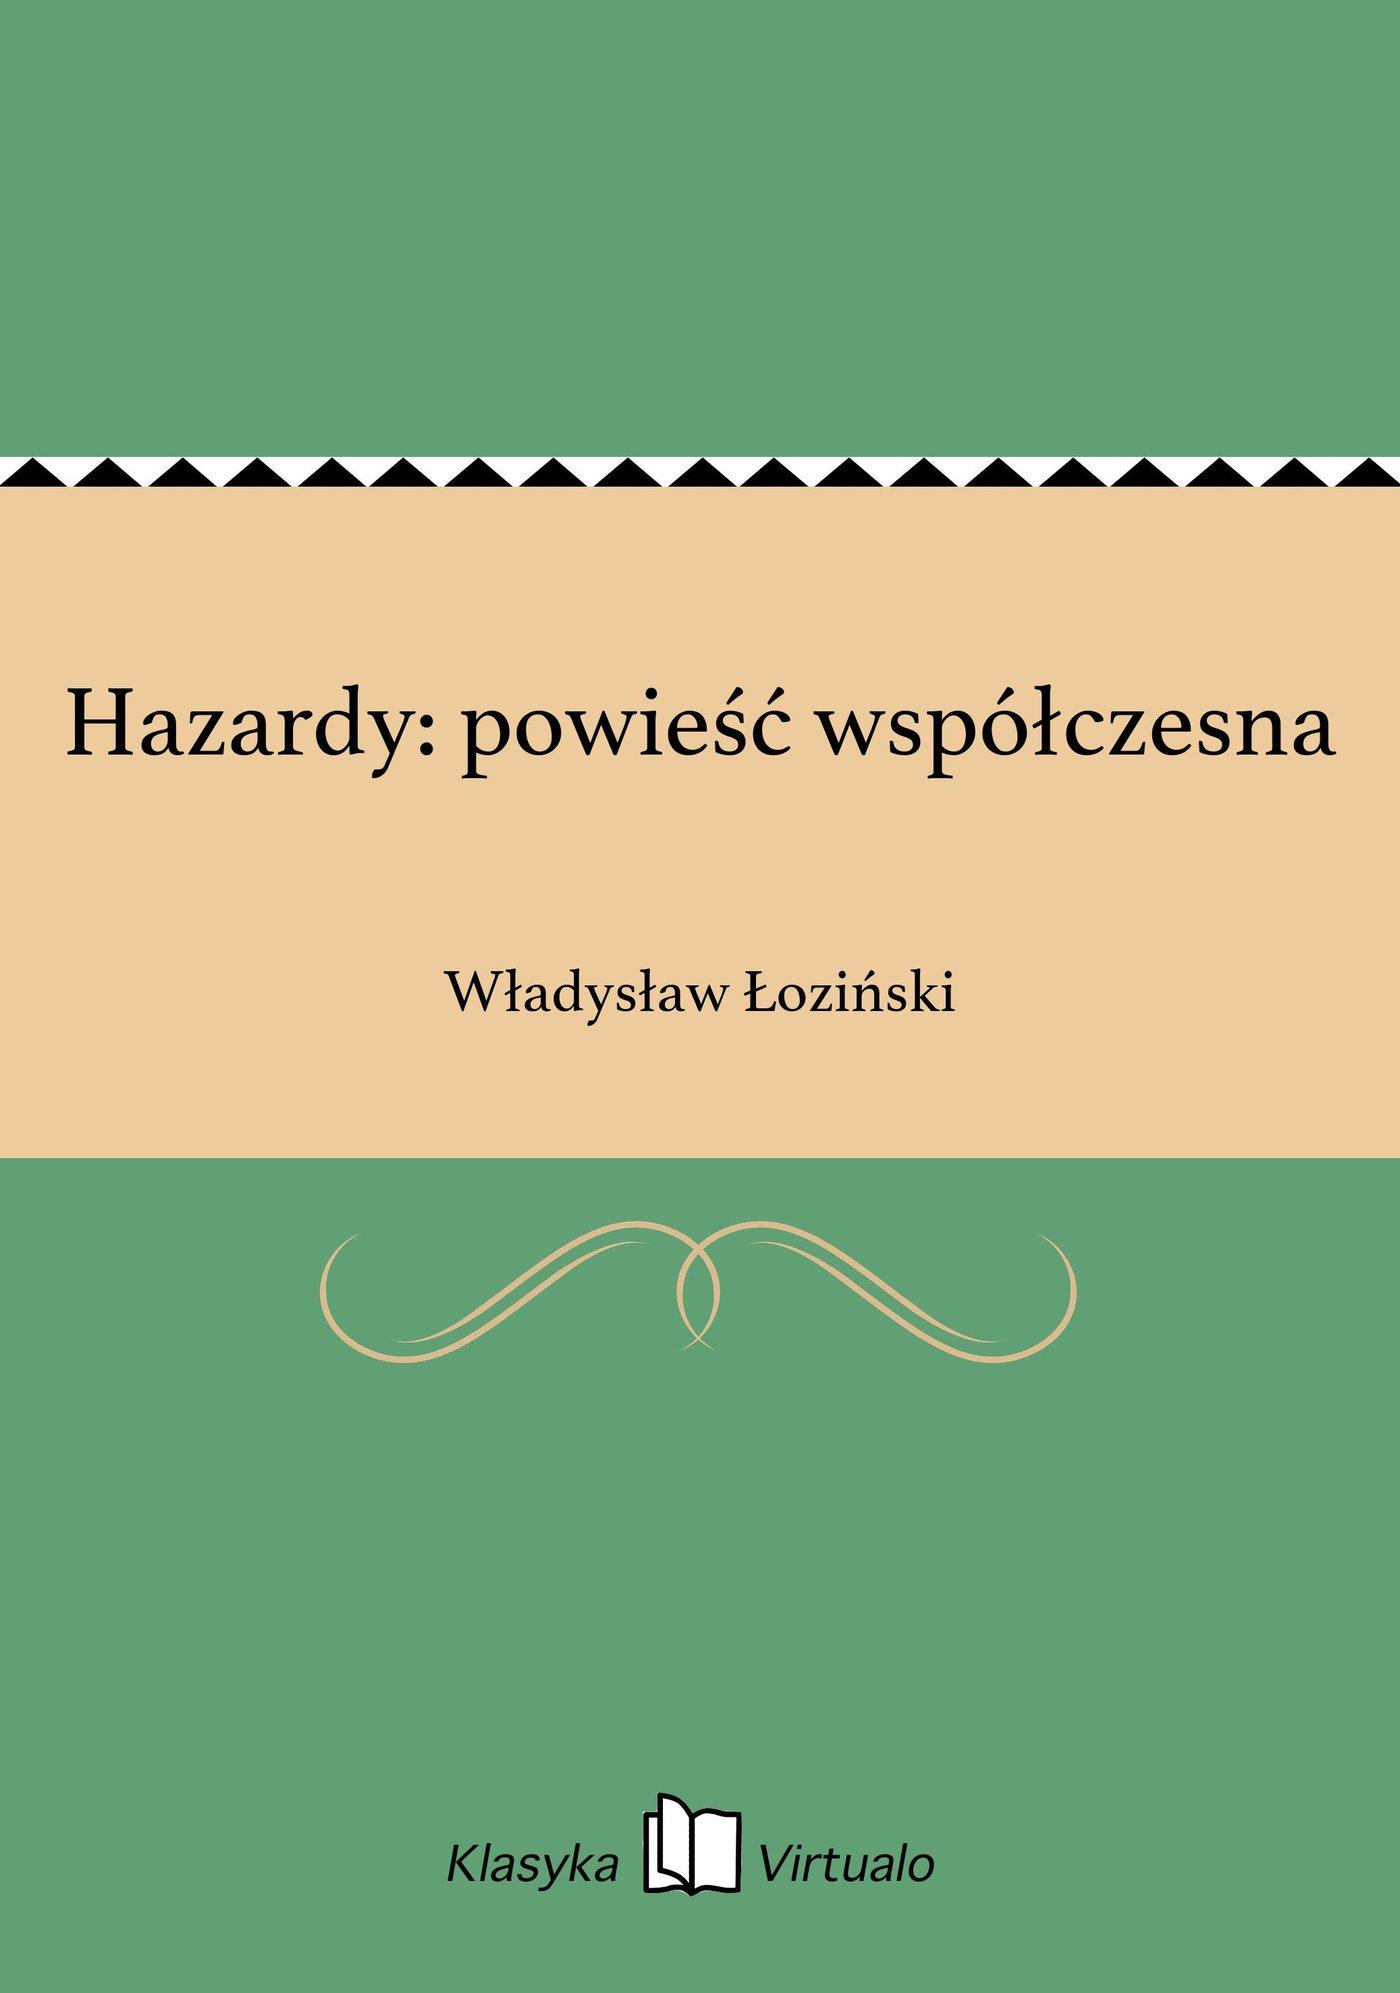 Hazardy: powieść współczesna - Ebook (Książka EPUB) do pobrania w formacie EPUB